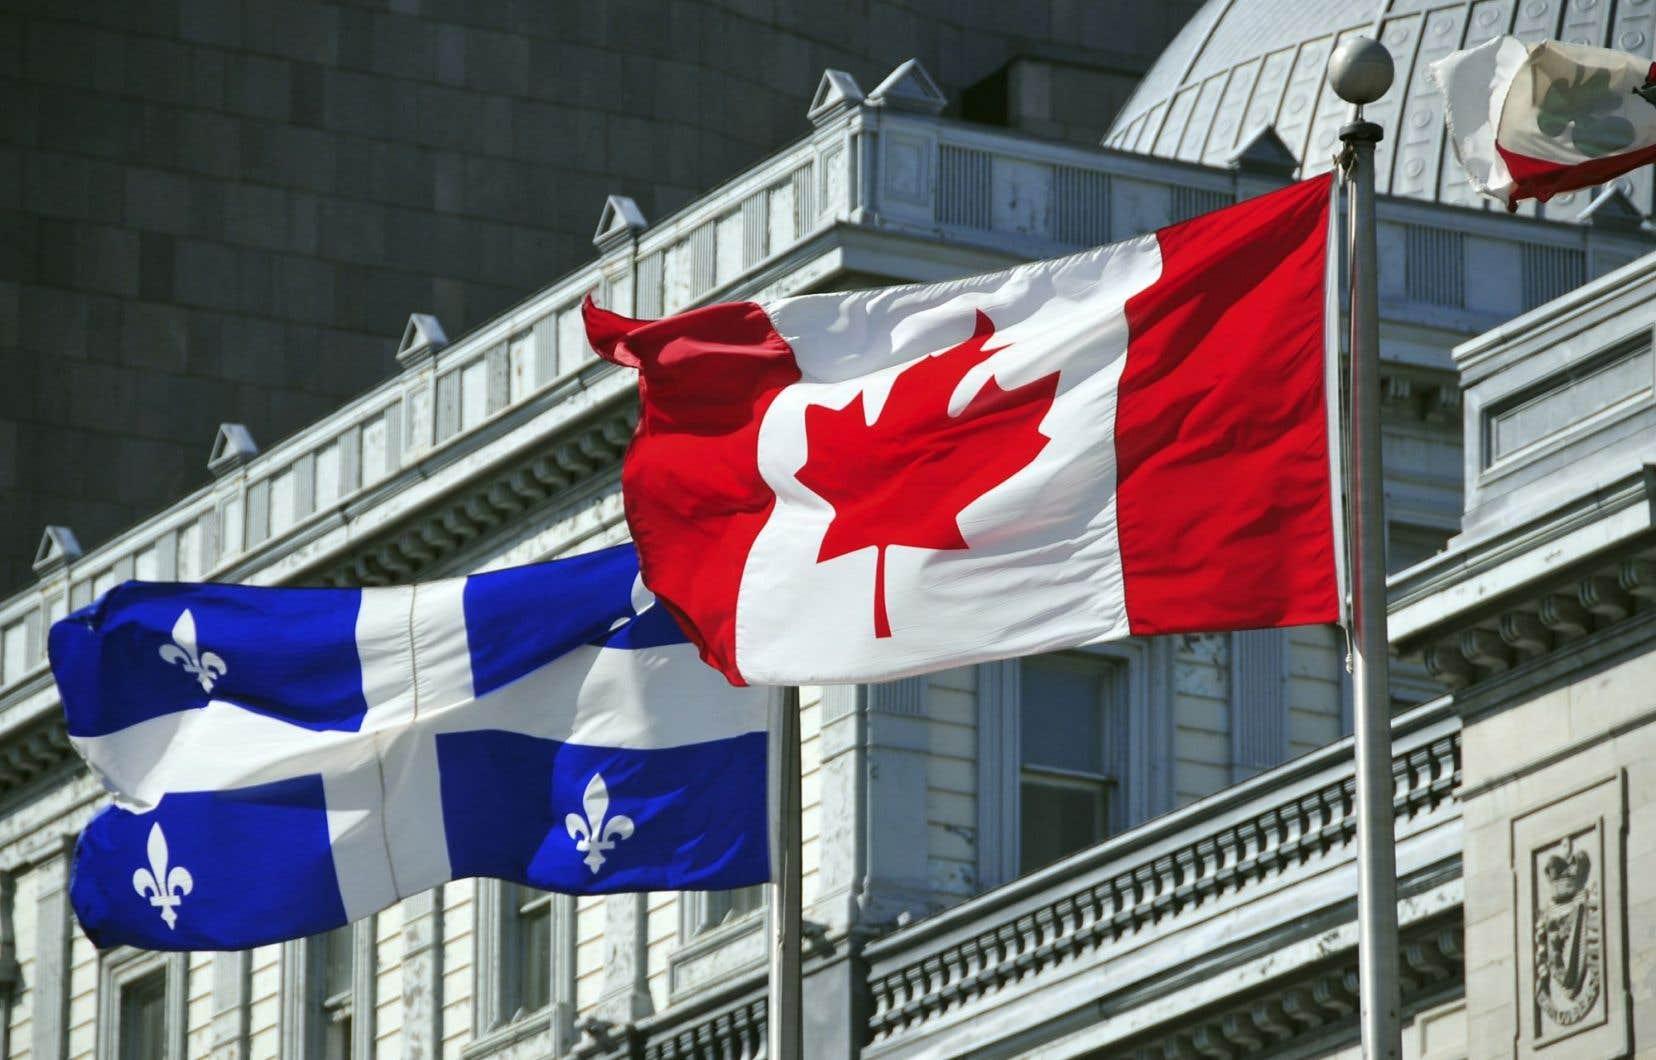 Les élus du Parti québécois ont nourri l'illusion qu'il était possible de donner le goût du pays et d'en avancer la construction en proposant de rester dans le Canada. Il faut reconnaître que cette stratégie a échoué.